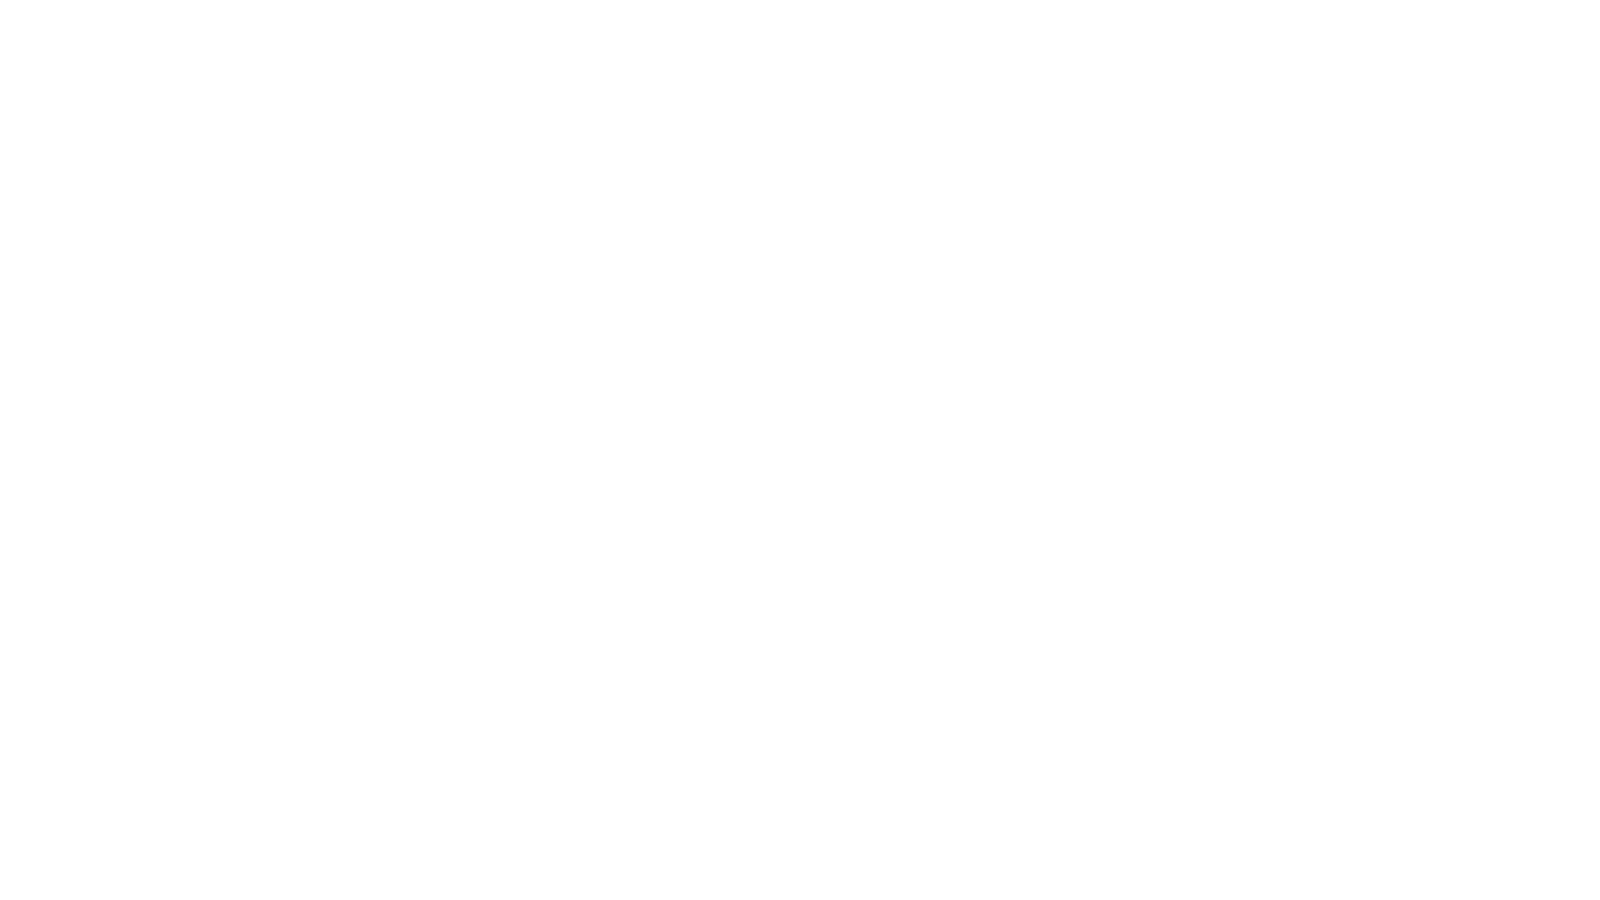 Aleksander Aas er en fast gjest i Bent Johans hjørne. De diskuterer her muligheten for at mennesker kan melde seg ut av statens systemer og heller velge private alternativer.  Bent Johans hjørne spilles inn i biblioteket til Liberalerens redaktør, Bent Johan Mosfjell. Ulike gjester samtaler om emner som forhåpentligvis er av interesse for liberale mennesker. Husk å abonnere!